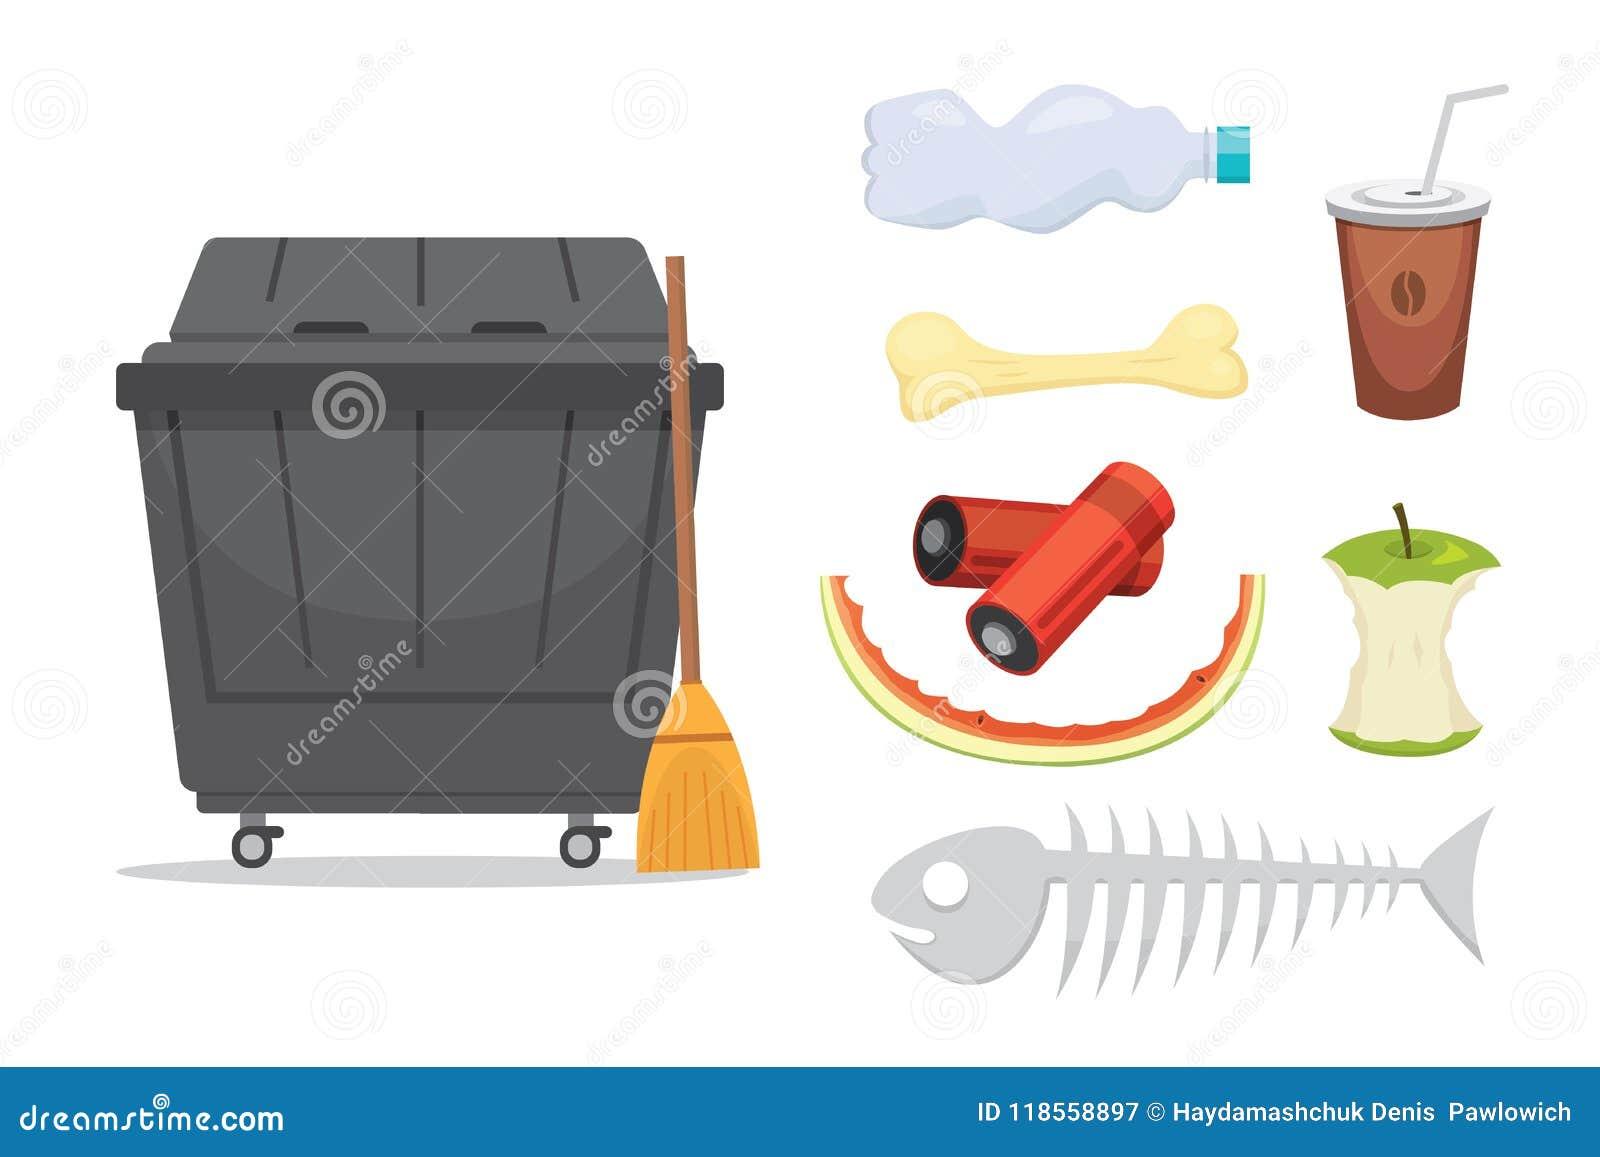 Grata i śmieci ustalone ilustracje w kreskówce projektują Biodegradable, klingeryt i śmietnik ikony,